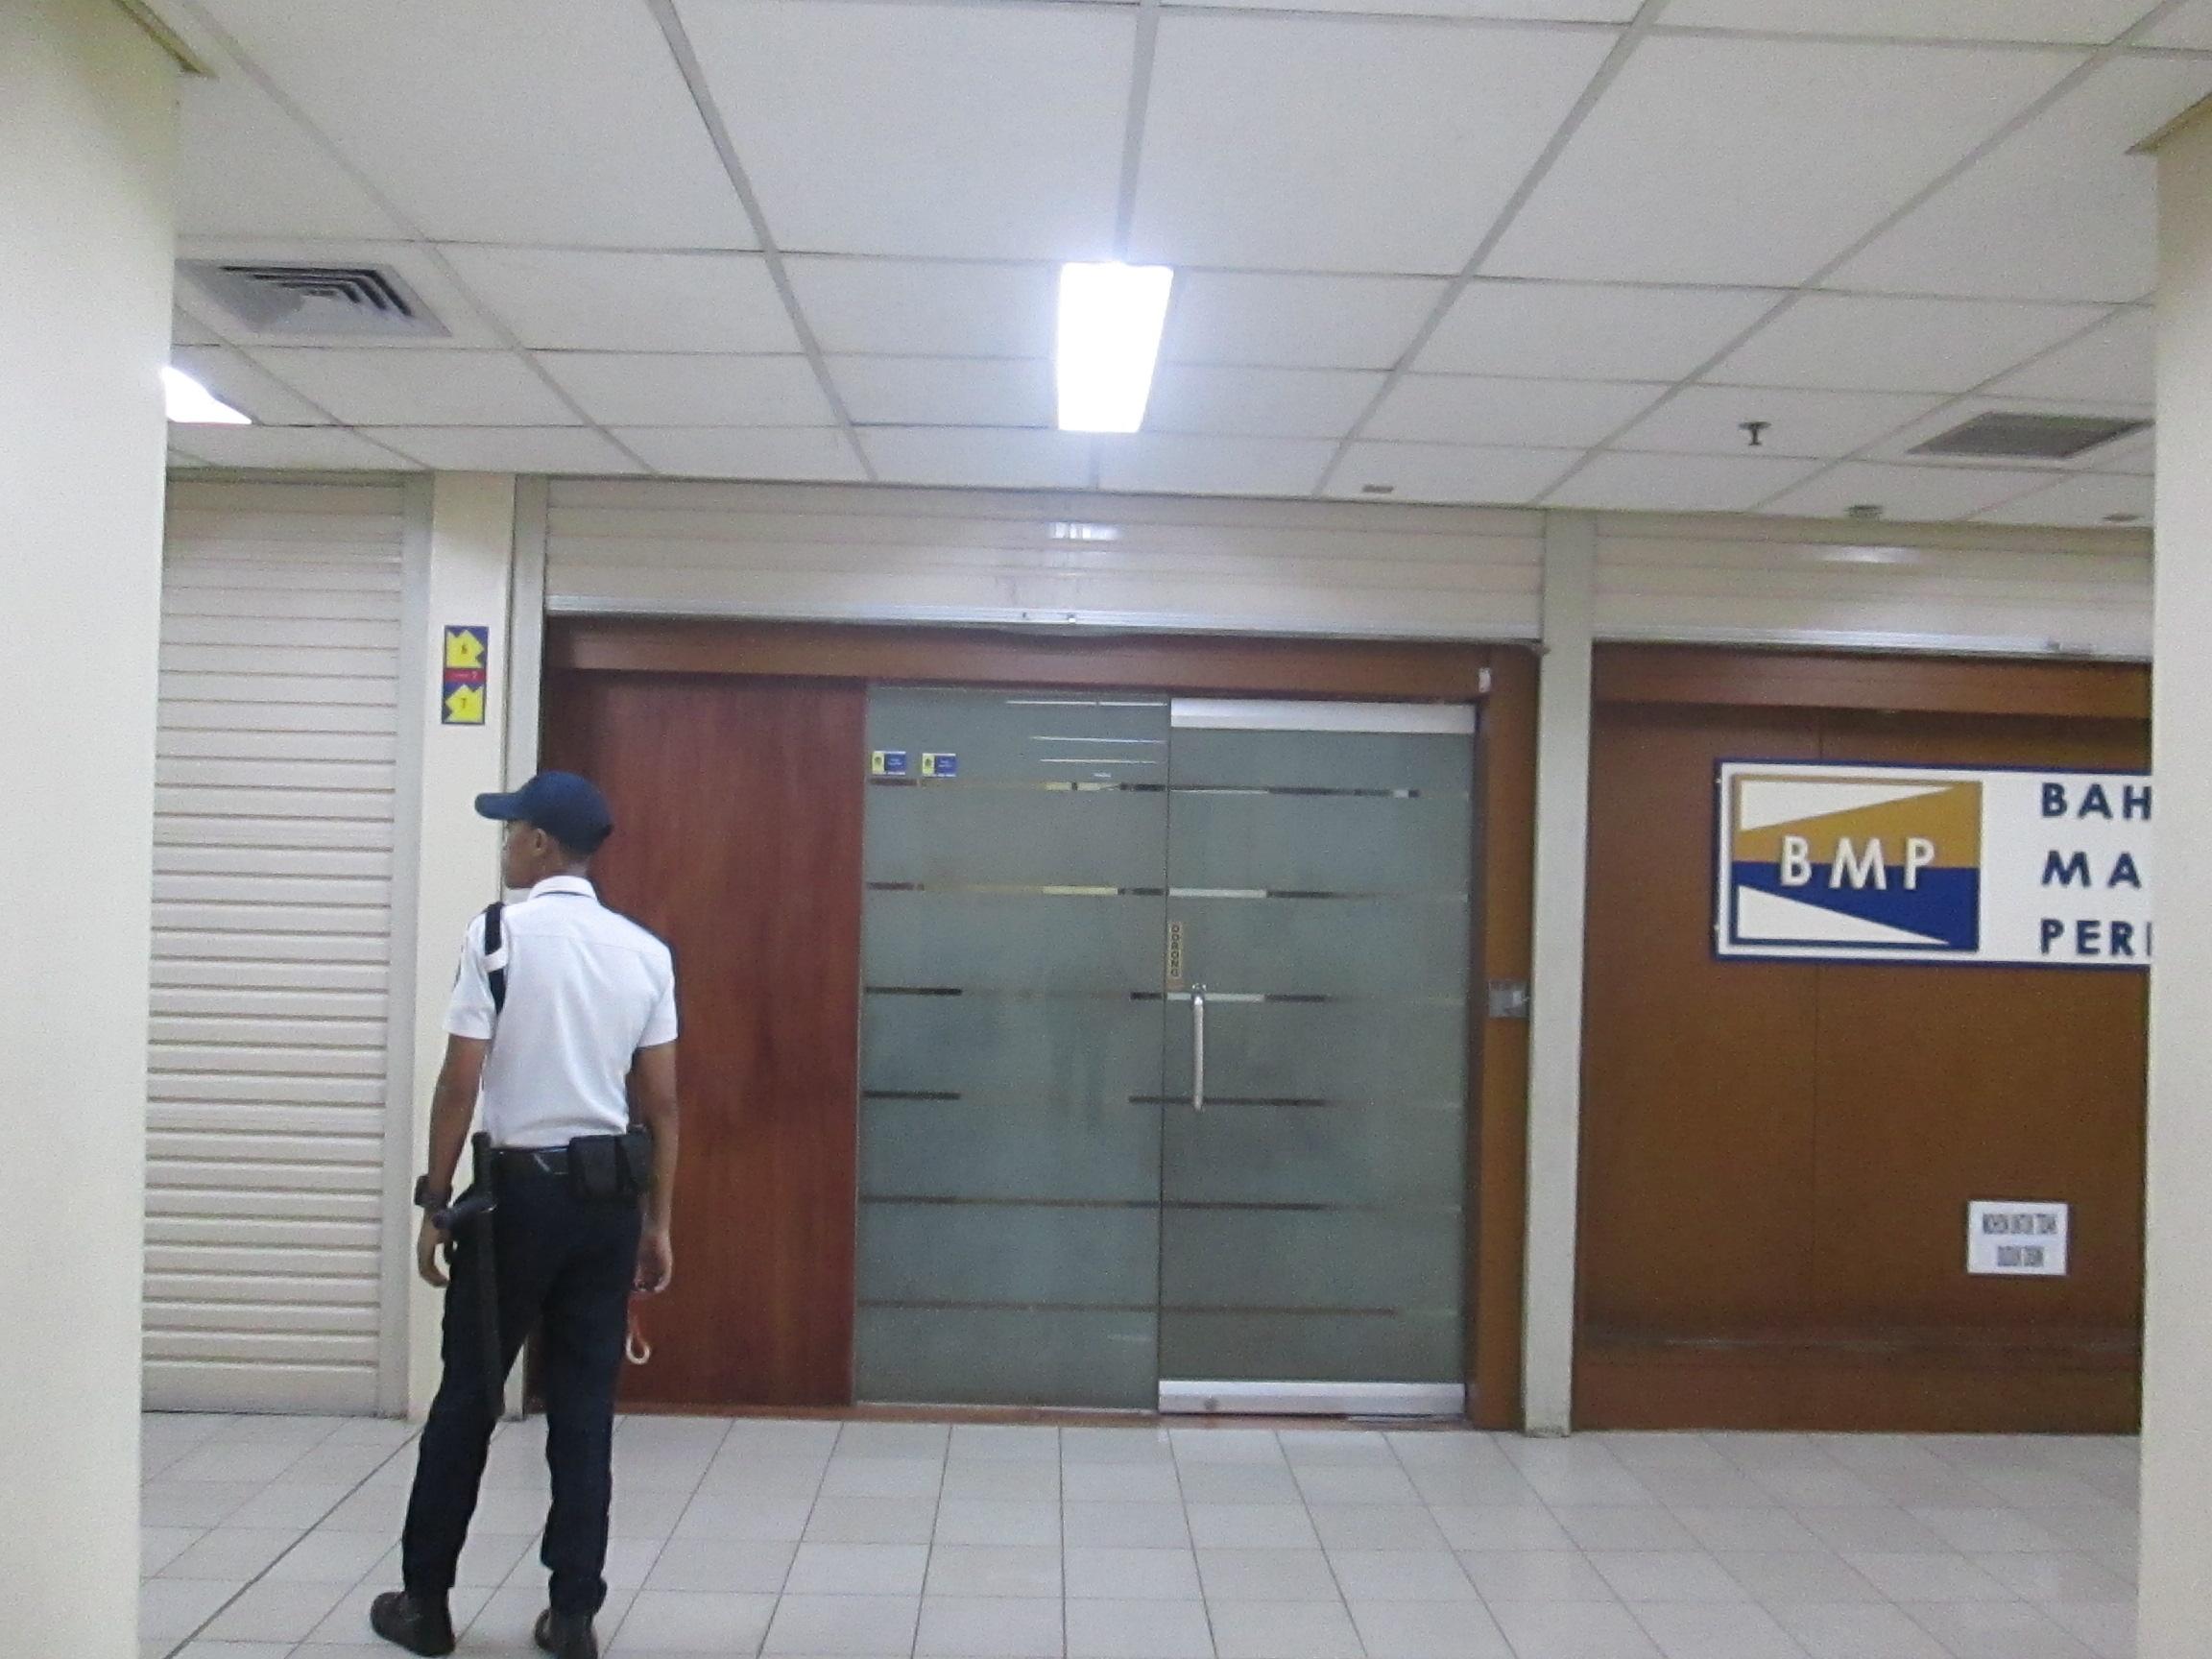 Rusun Hunian ITC Cempaka Mas Mega Grosir Jl. Letjend ...